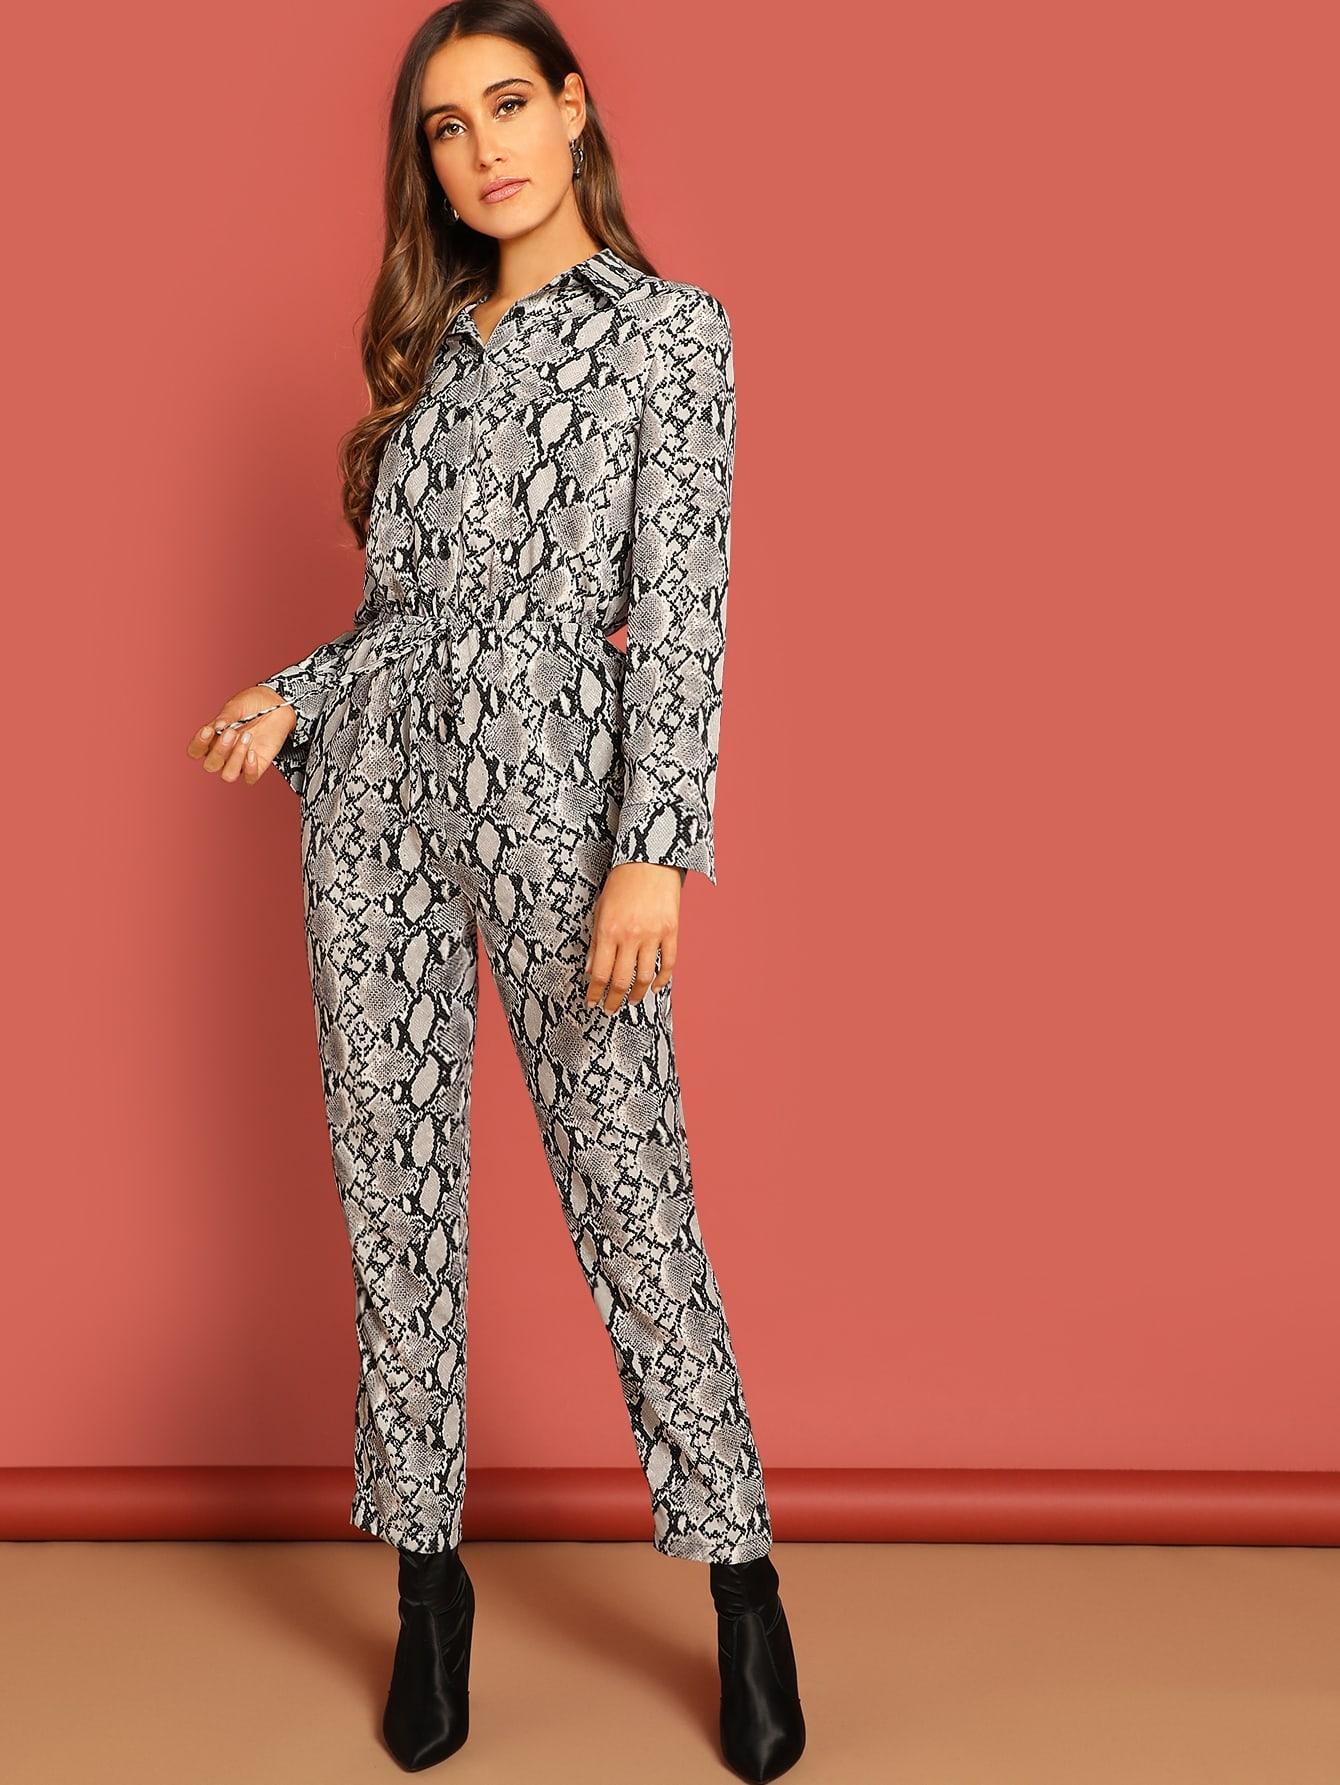 Купить Рубашка-комбинезон с кулиской и змеиным принтом, Anna Herrin, SheIn